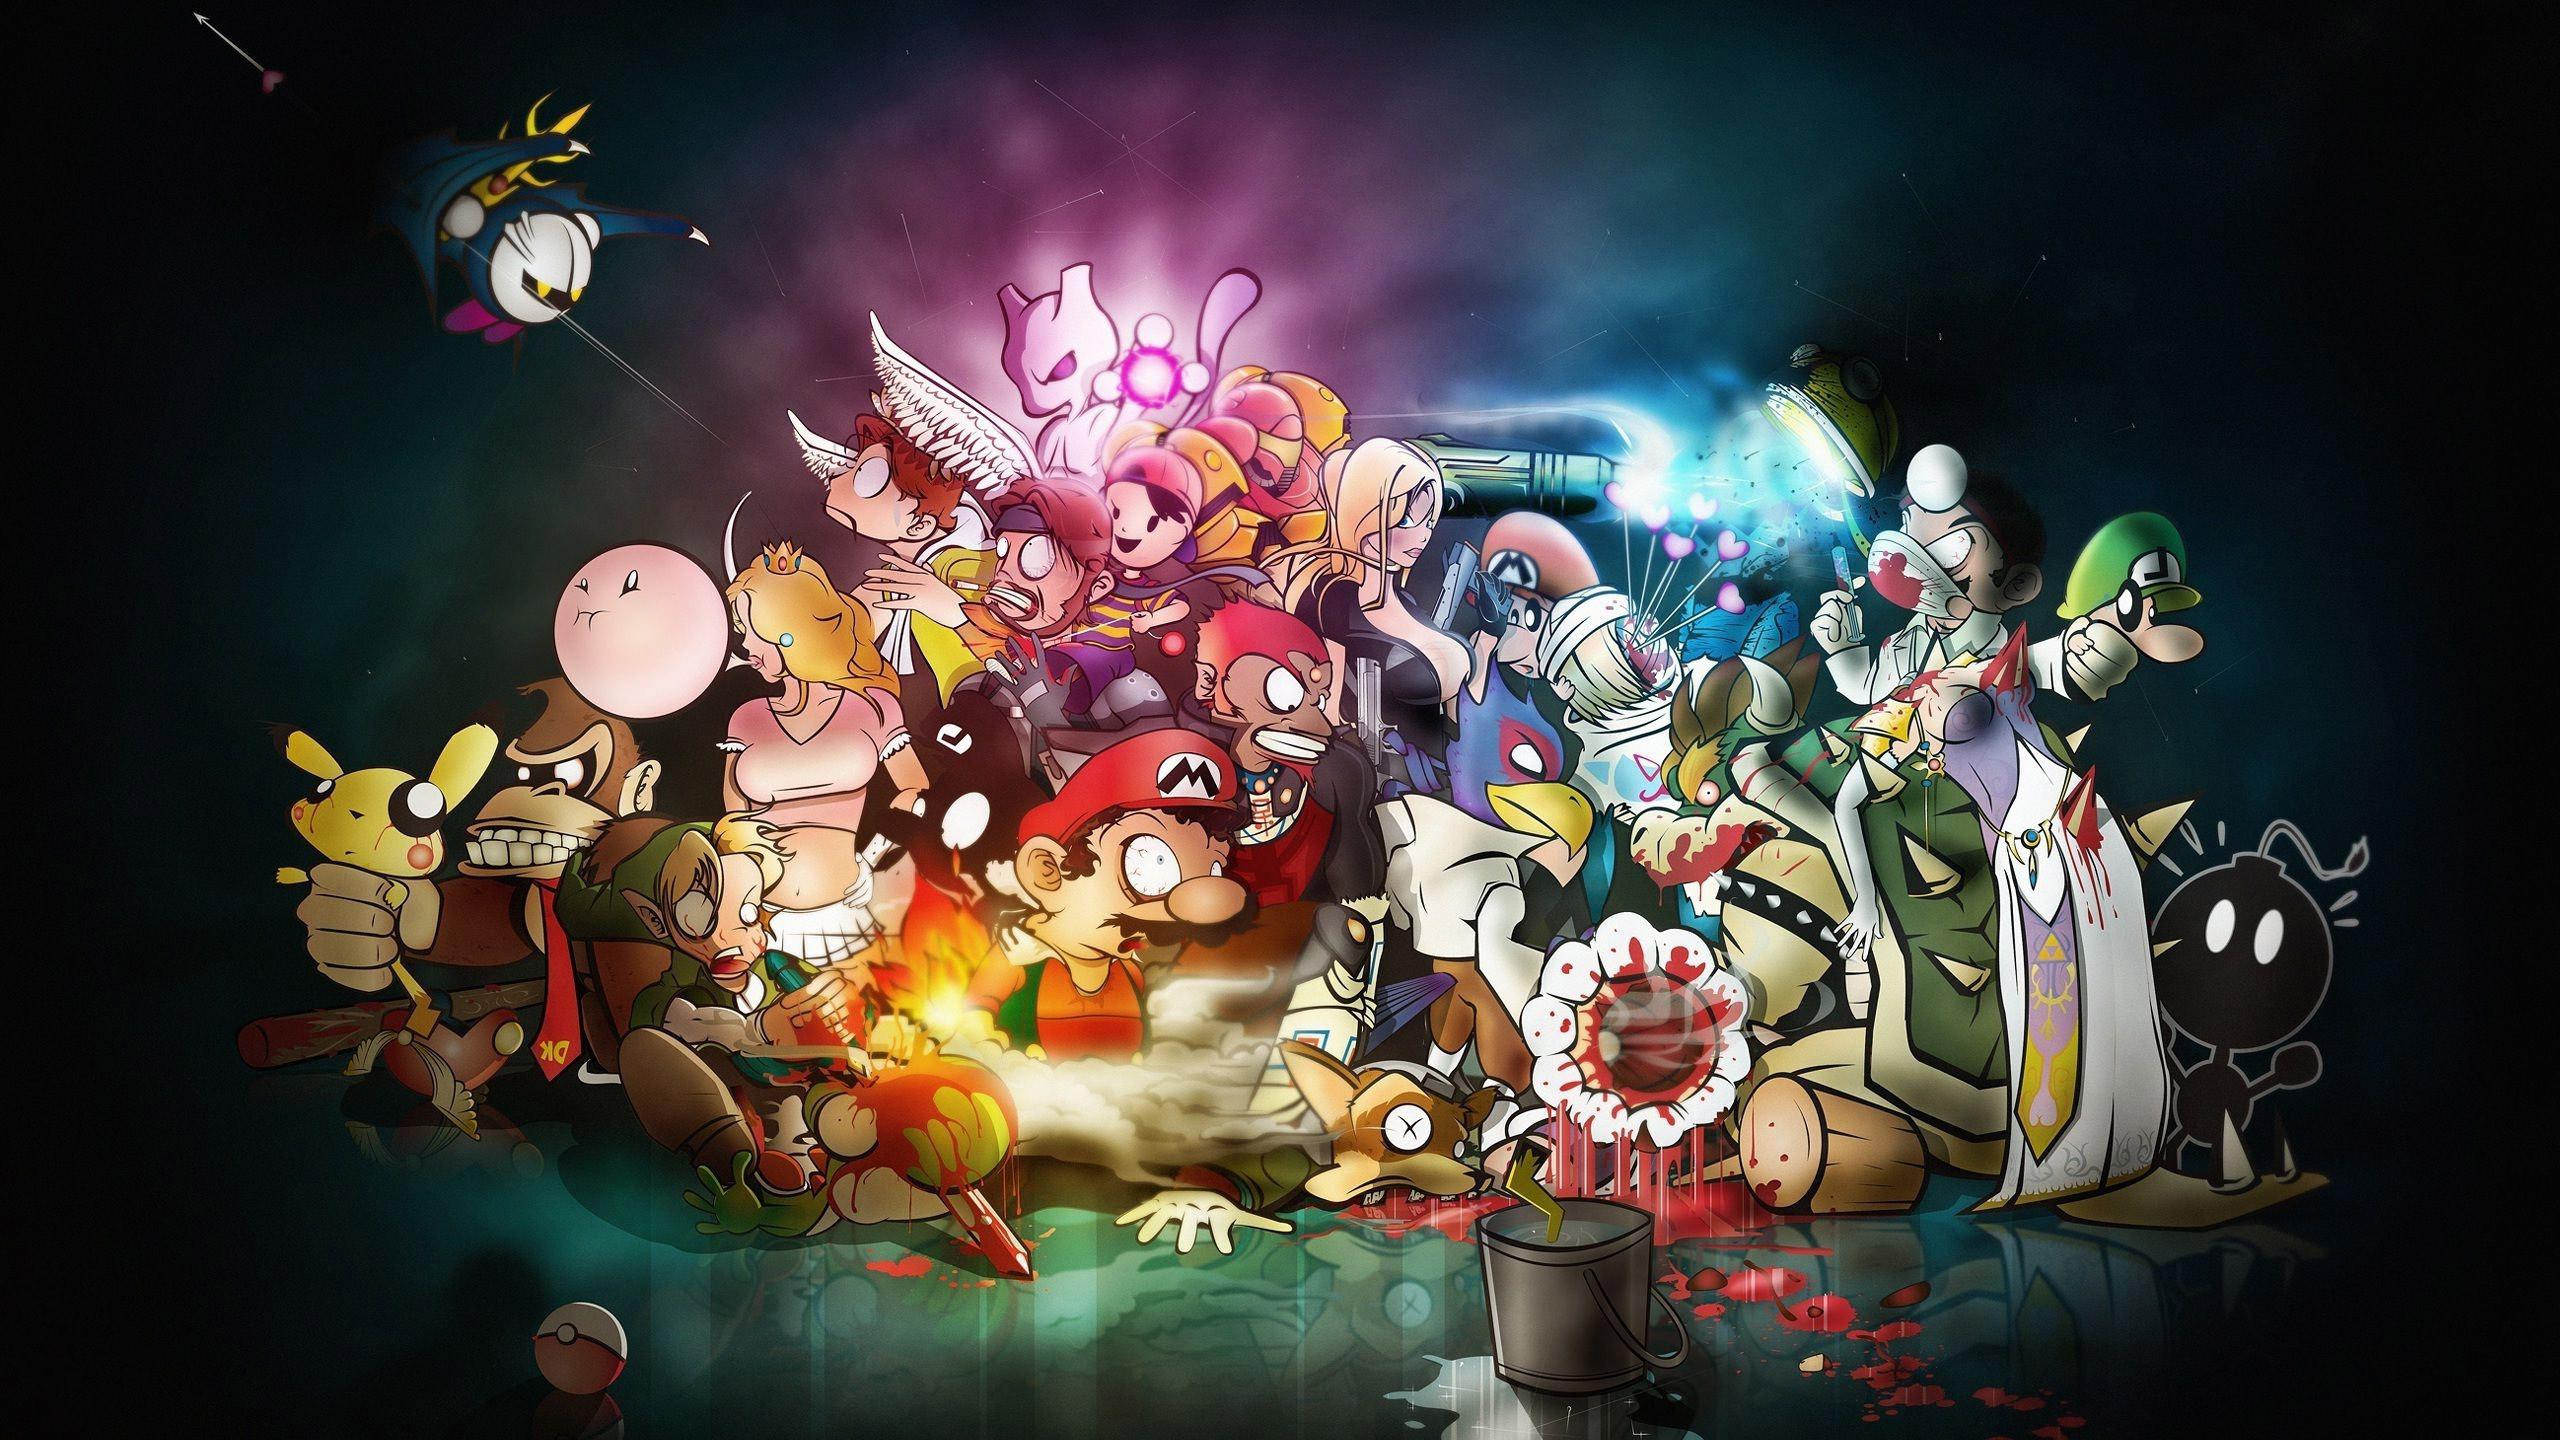 Arnold schwarzenegger terminator hd wallpaper | games | Pinterest |  Wallpaper, Wallpaper art and Gaming